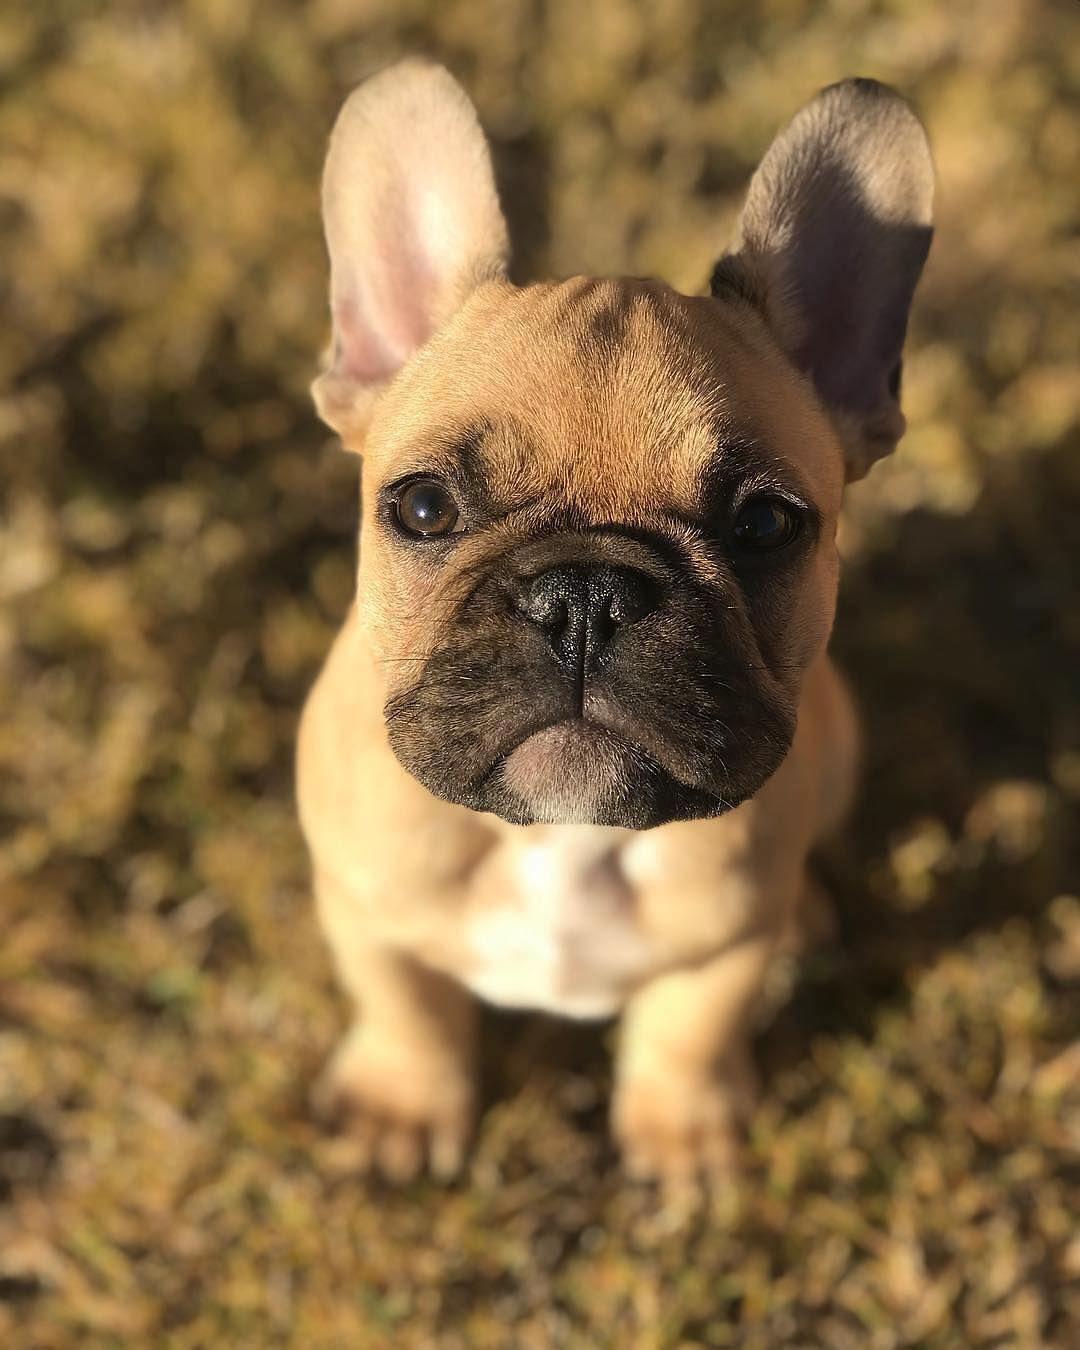 I'm the cutest, right? 🤗 stanton.odin.oakley frogdog